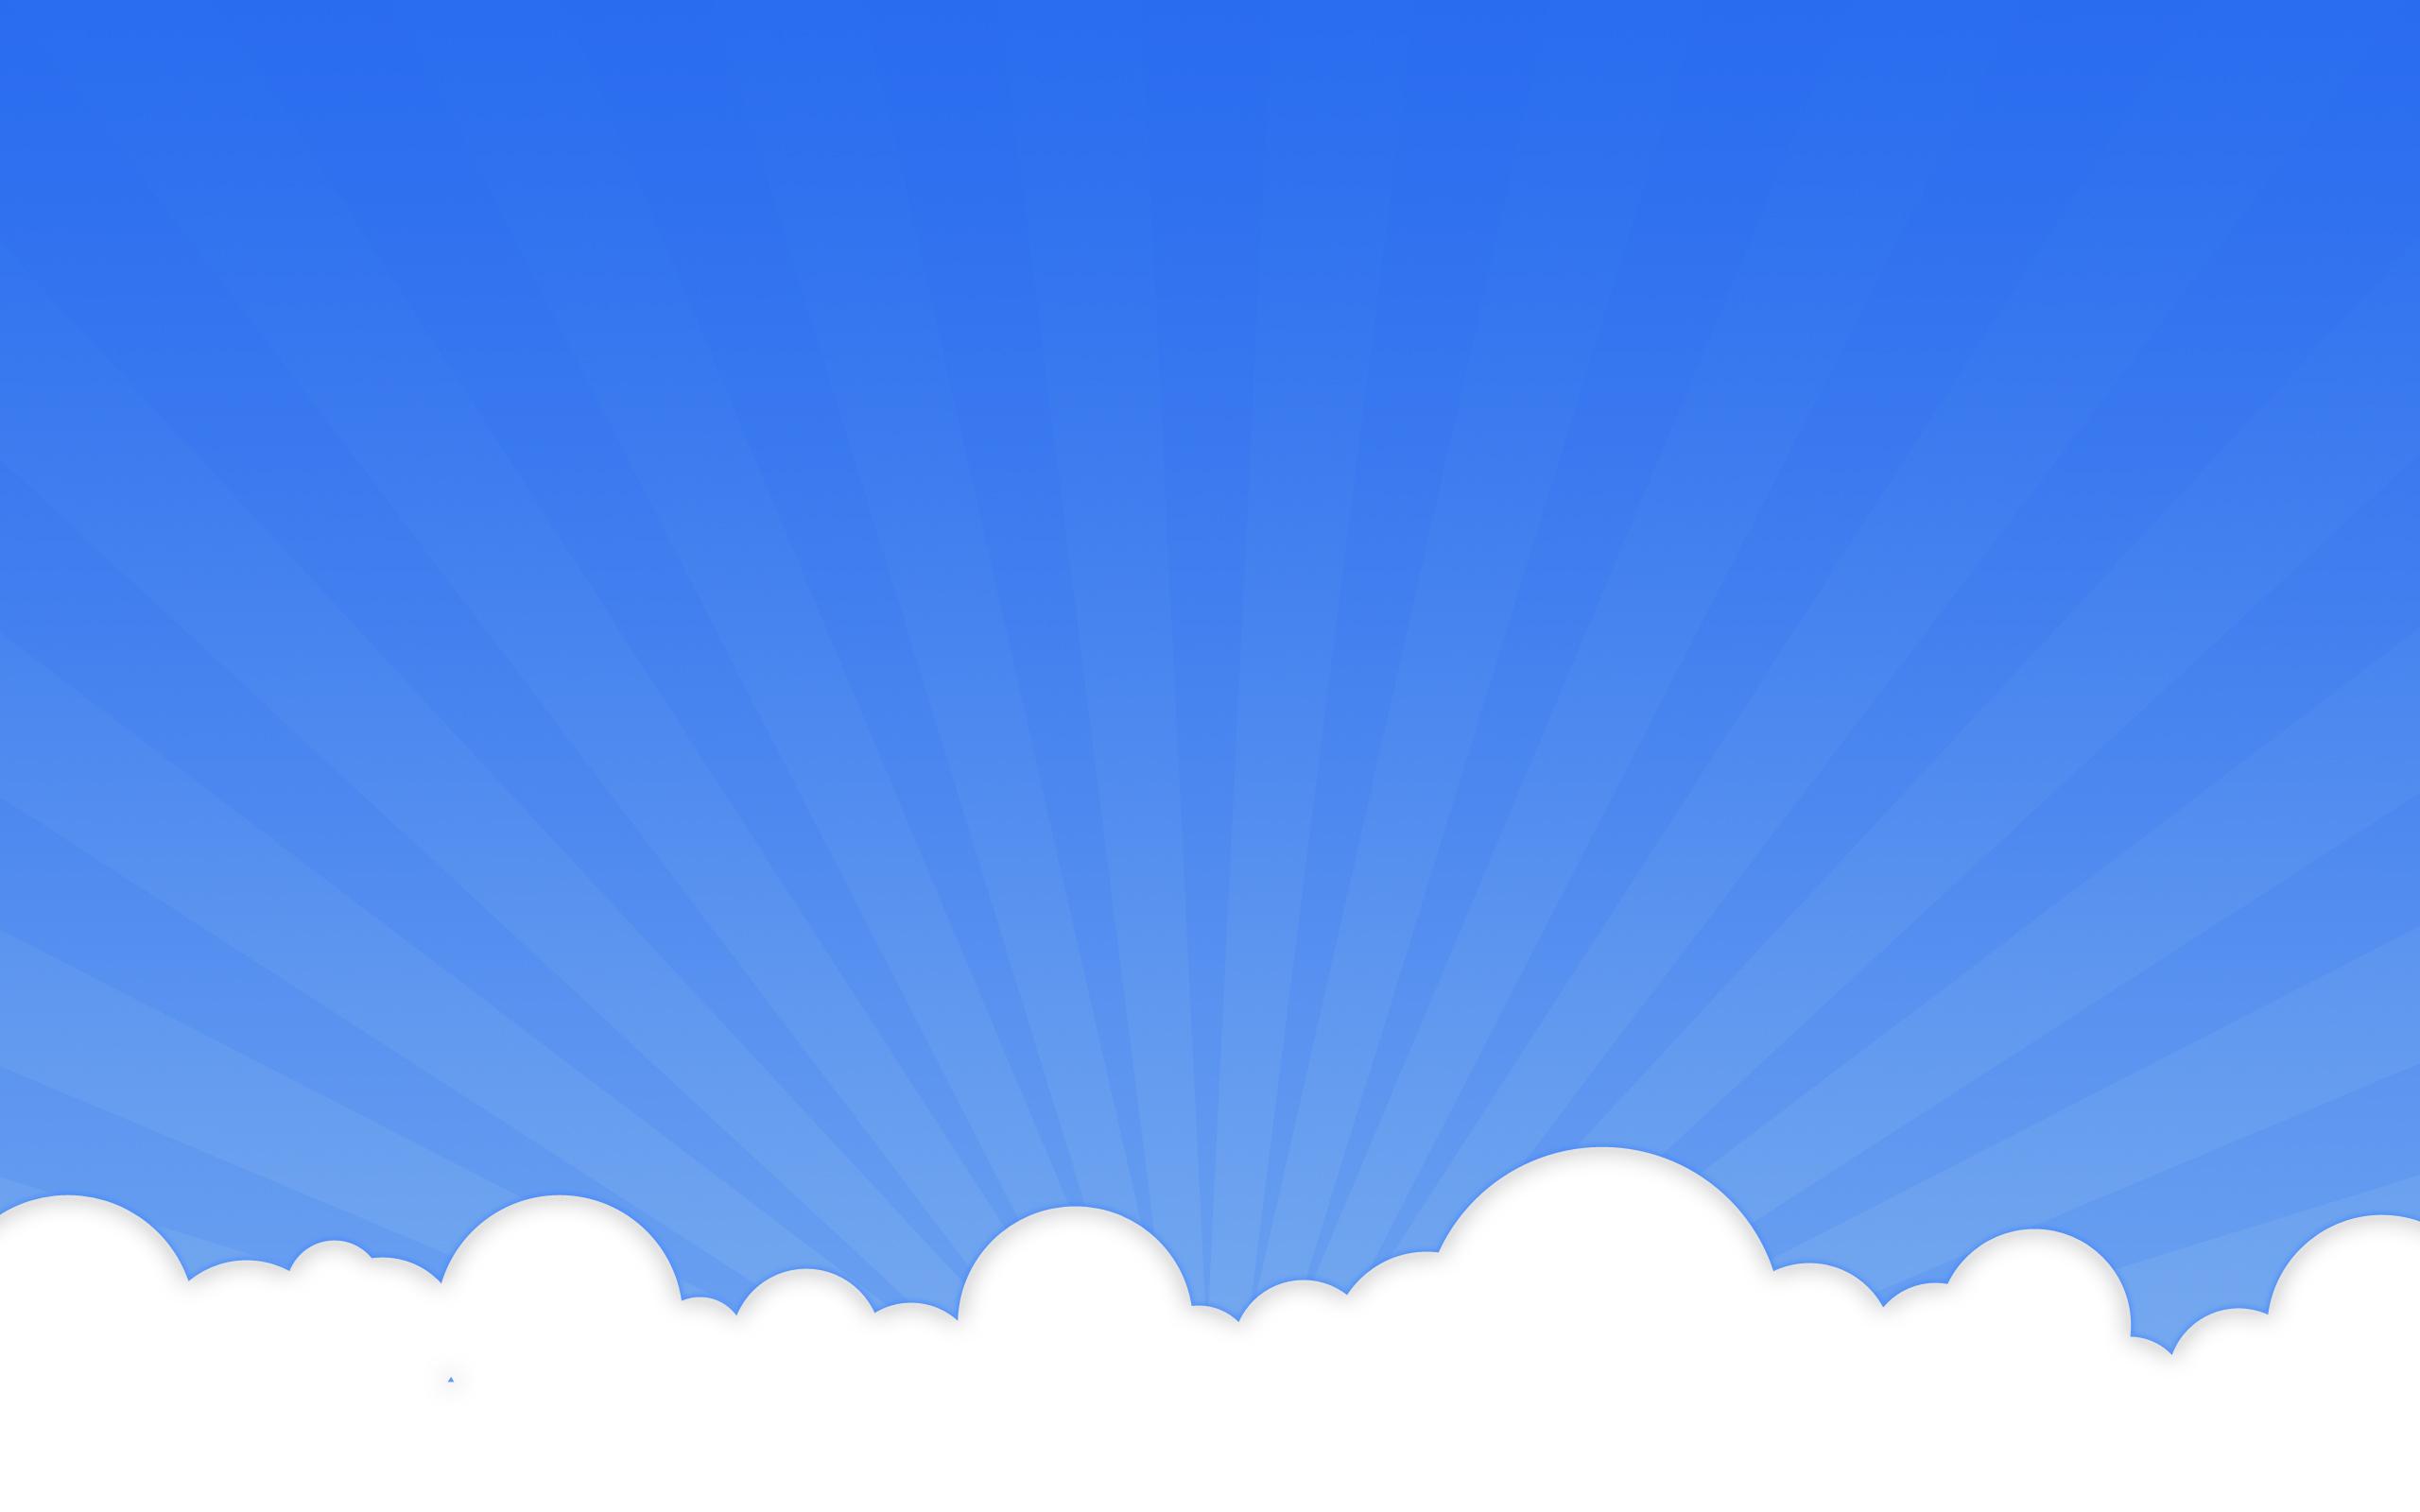 blue sky, wallpaper, clouds, скачать обои для рабочего стола, небо